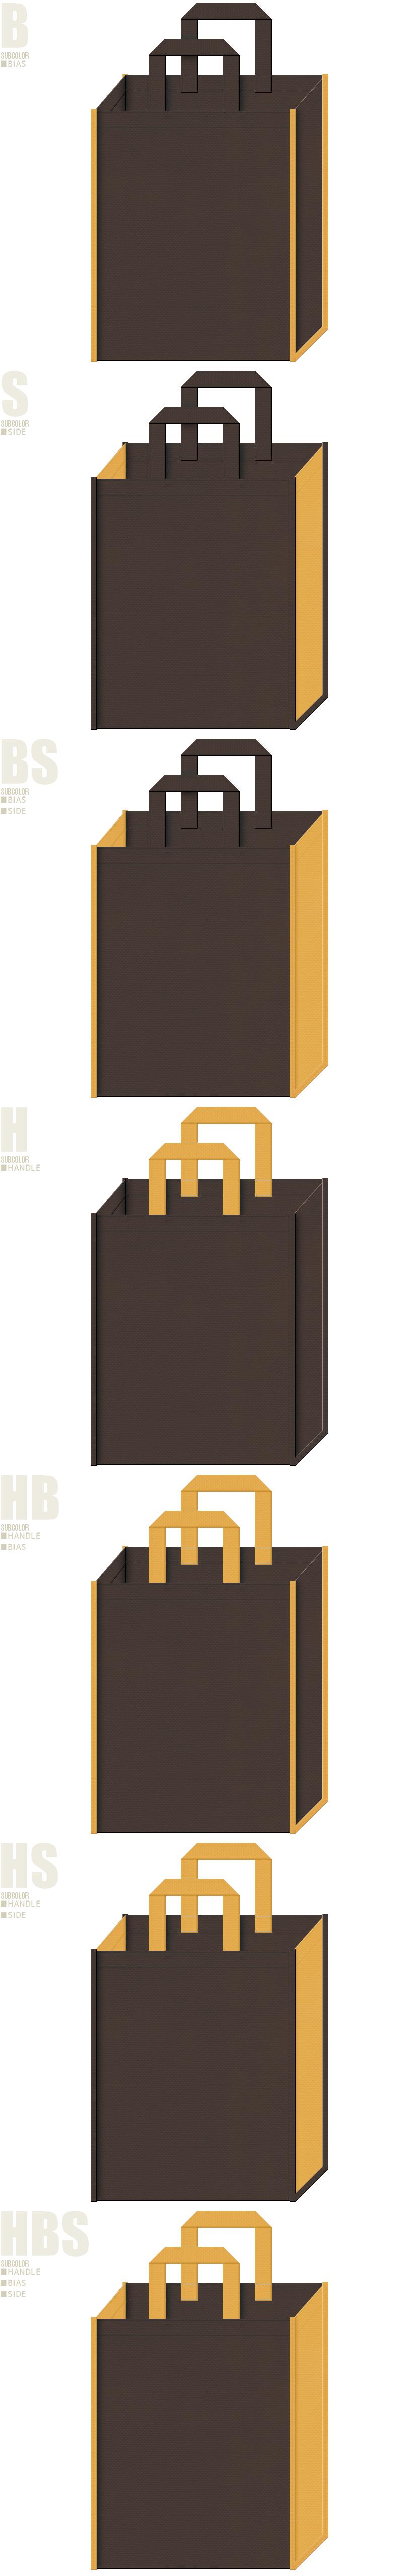 ベーカリー・チョコドーナツ・カフェ・フライヤー・木製食器・木製インテリアの展示会用バッグにお奨めの不織布バッグデザイン:こげ茶色と黄土色の不織布バッグ配色7パターン。